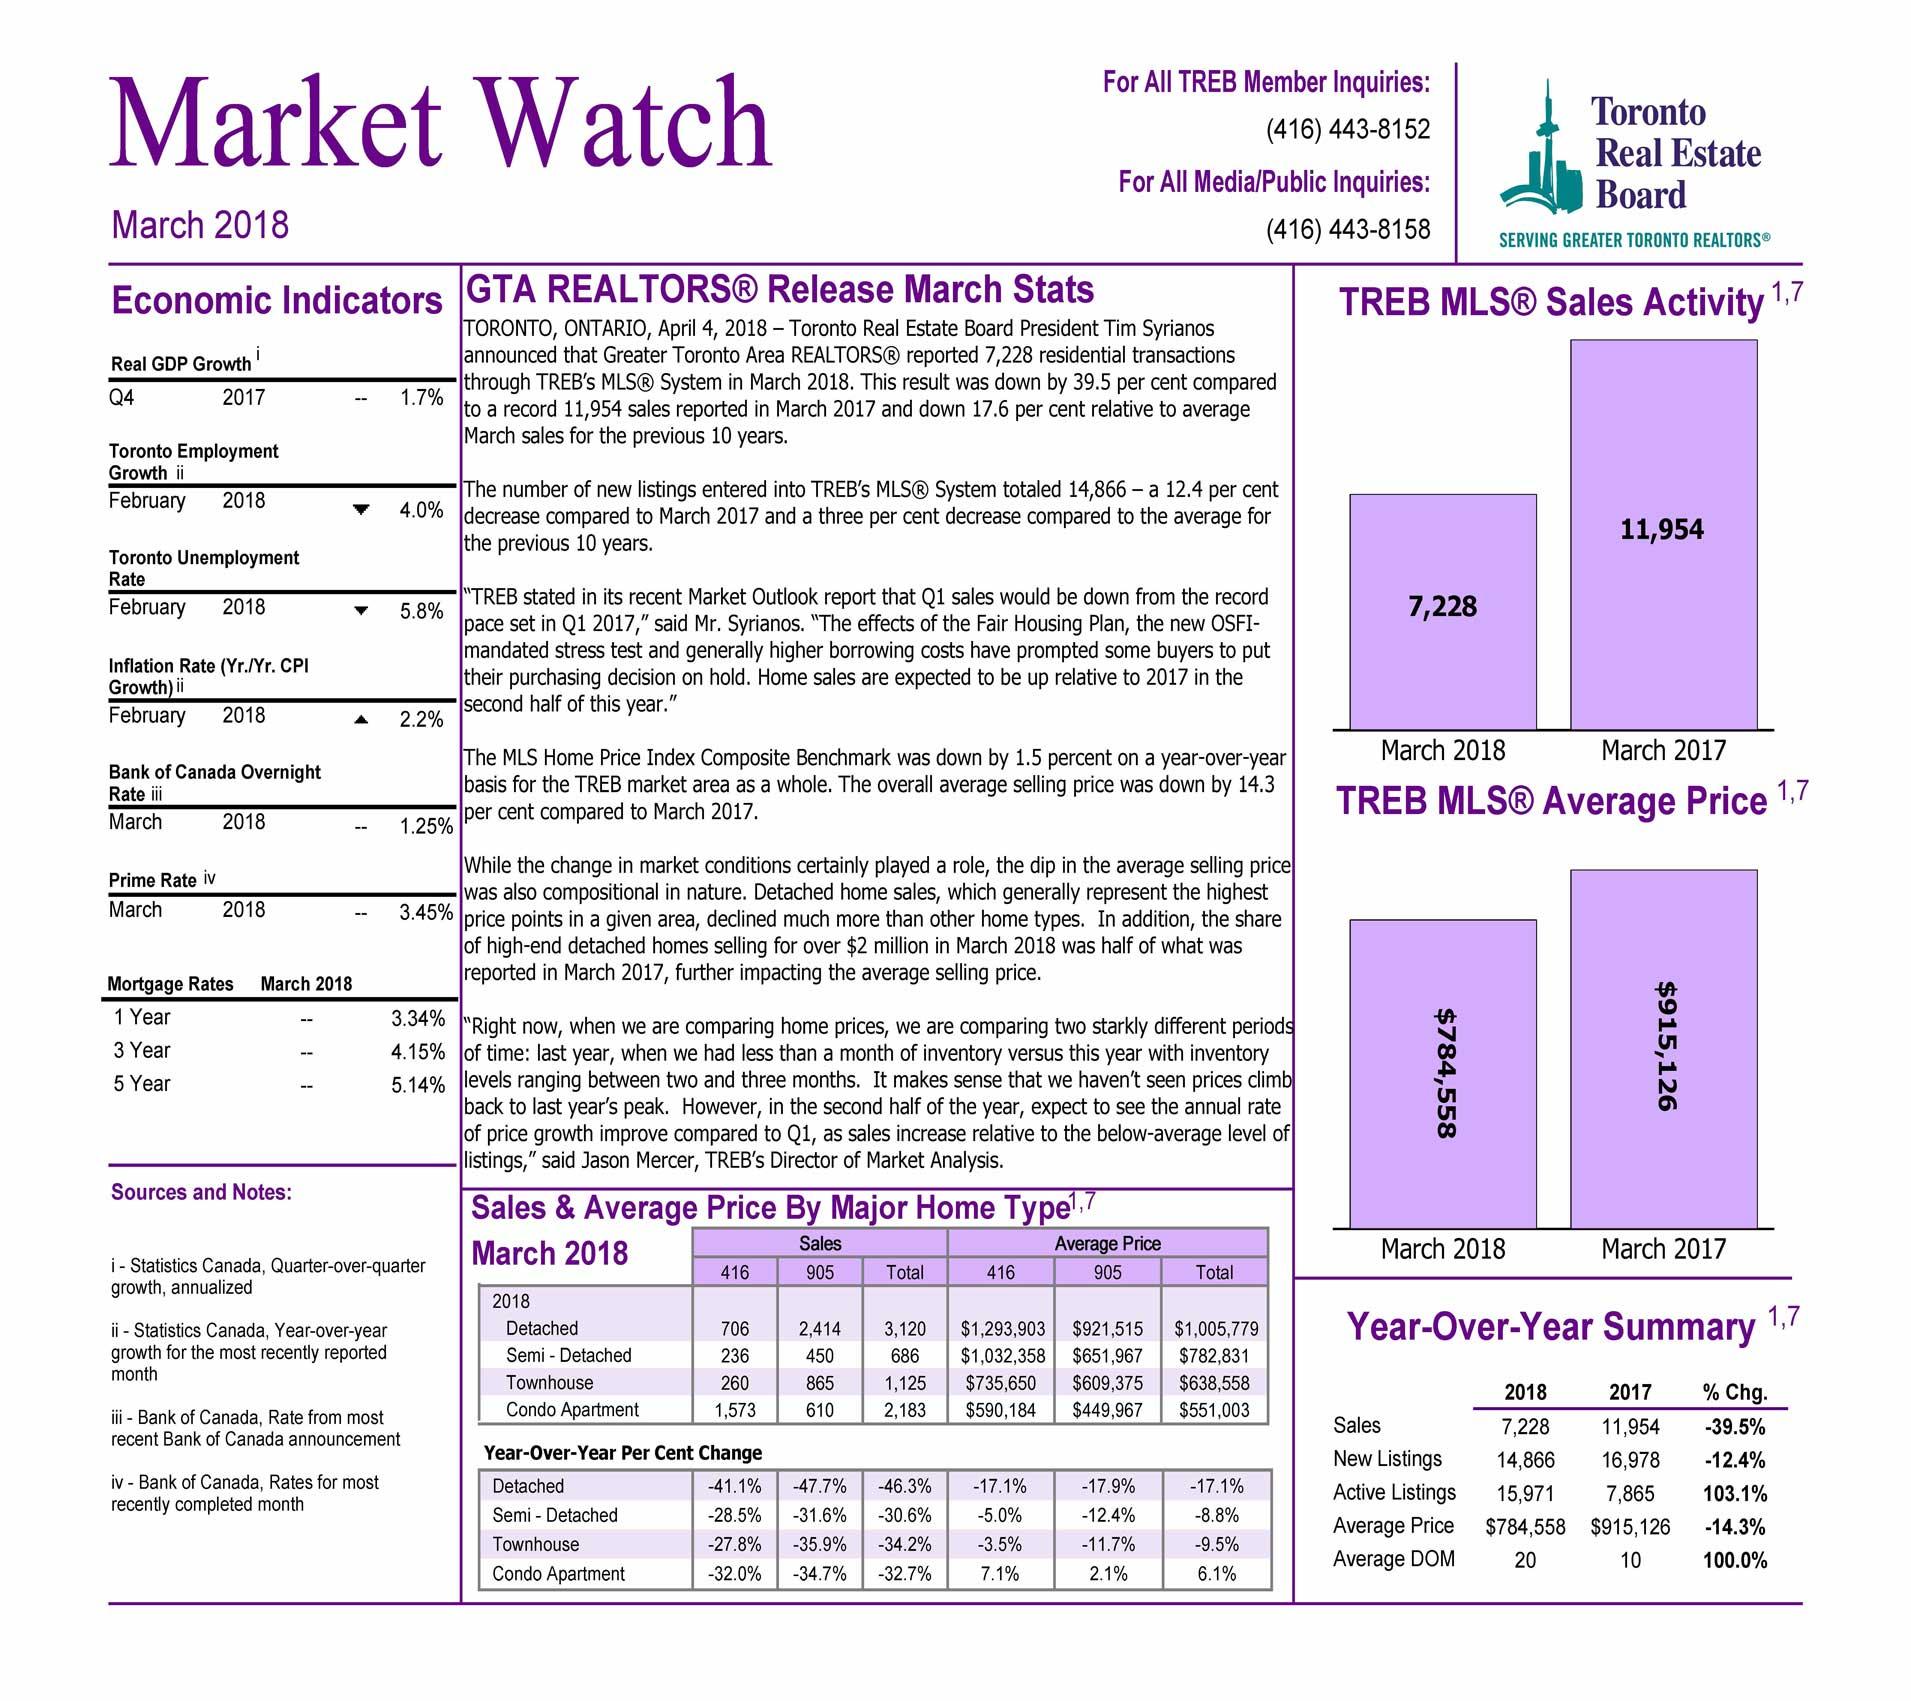 Toronto Market Watch March 2018